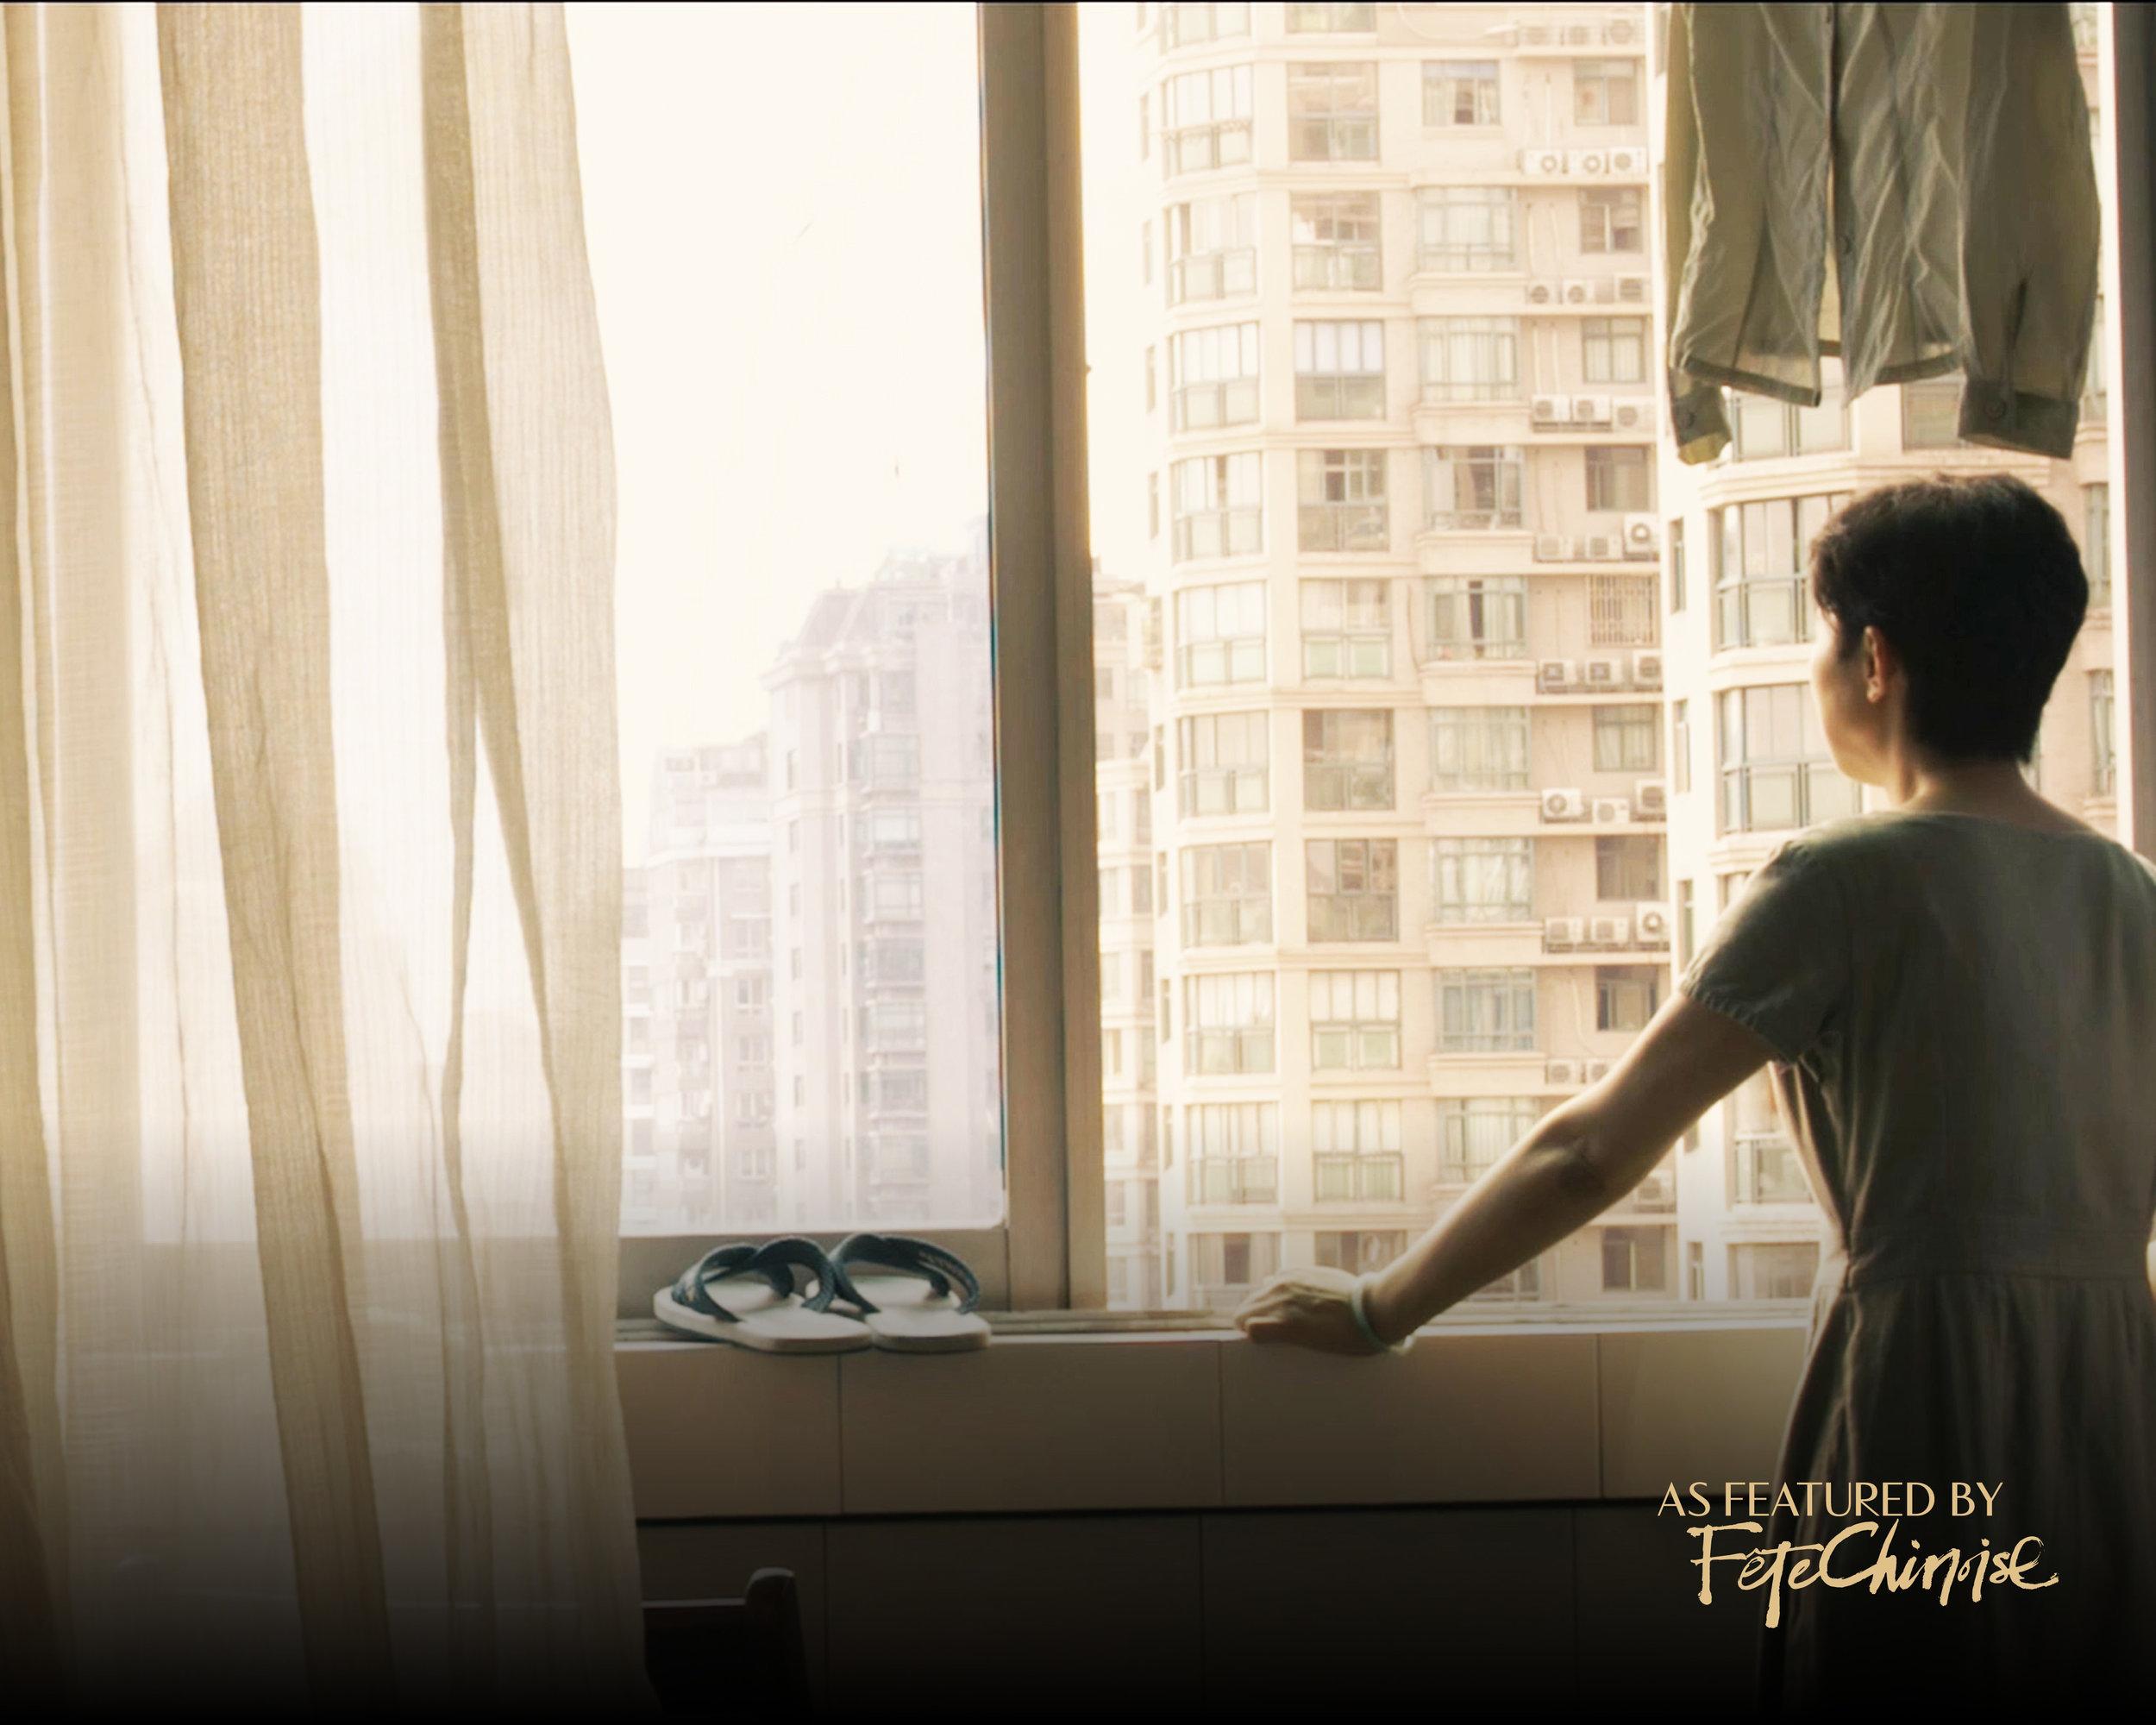 Vanishing Days - Zhu Xin